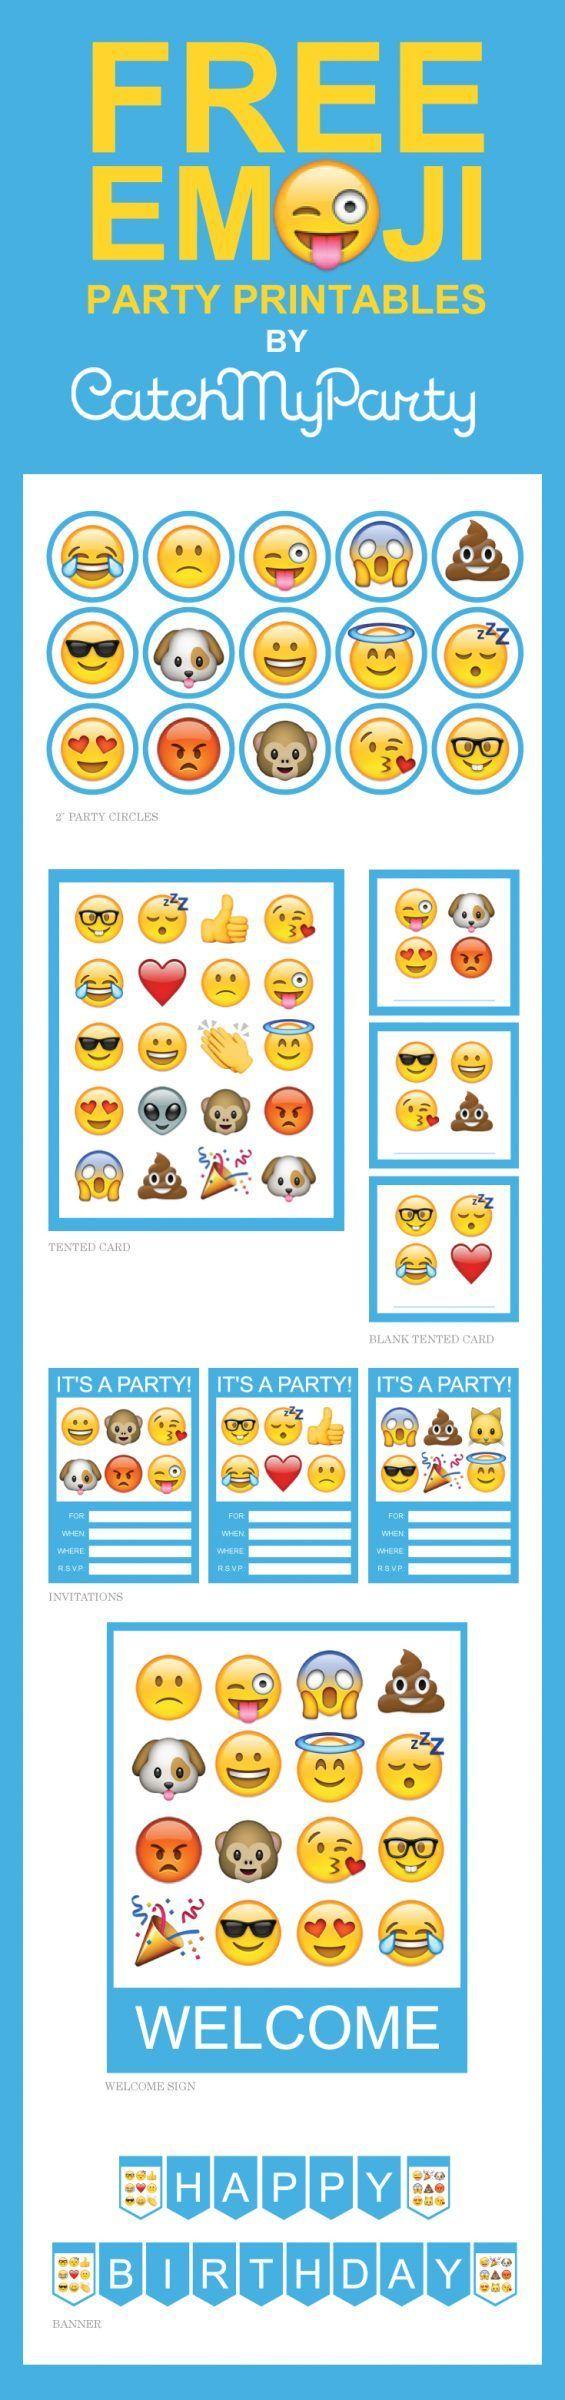 Ideas para fiestas de Emoji (27) - Decoracion de Fiestas Cumpleaños Bodas, Baby shower, Bautizo, Despedidas